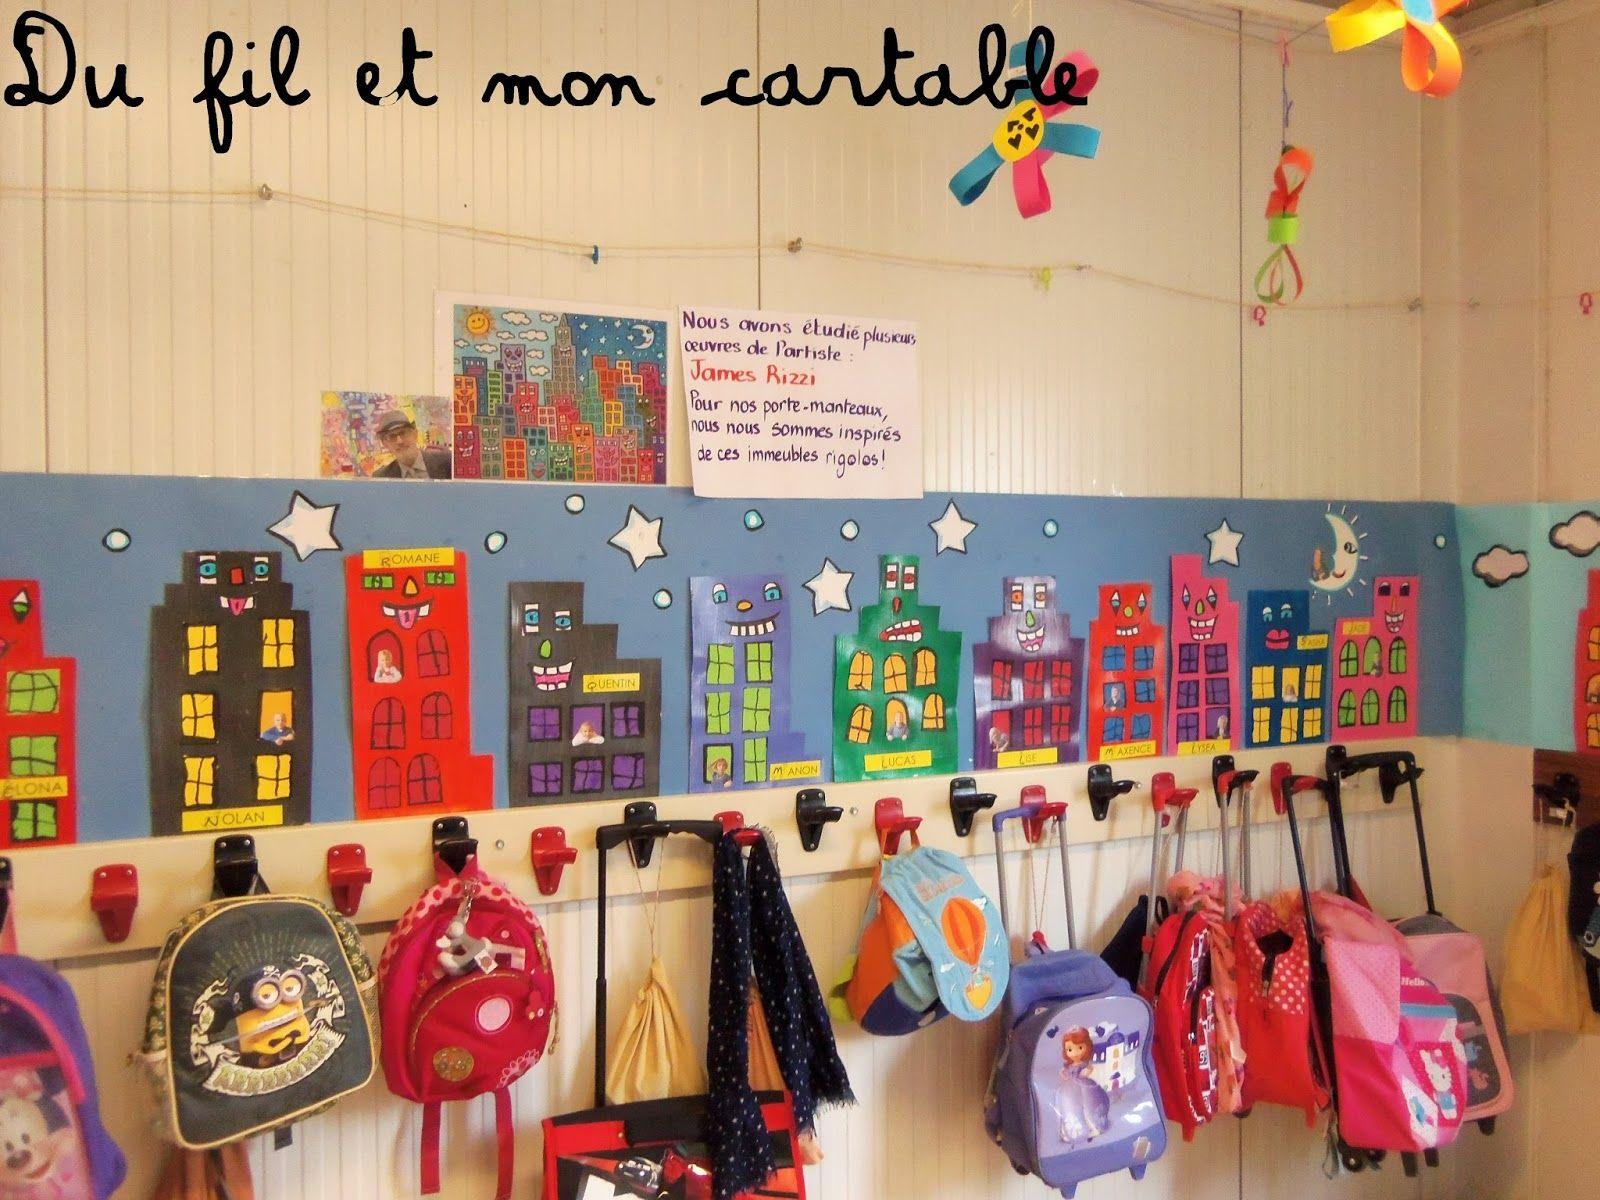 Du Fil Et Mon Cartable | Decoration Porte, Étiquette Porte concernant Décoration Porte Manteau Maternelle